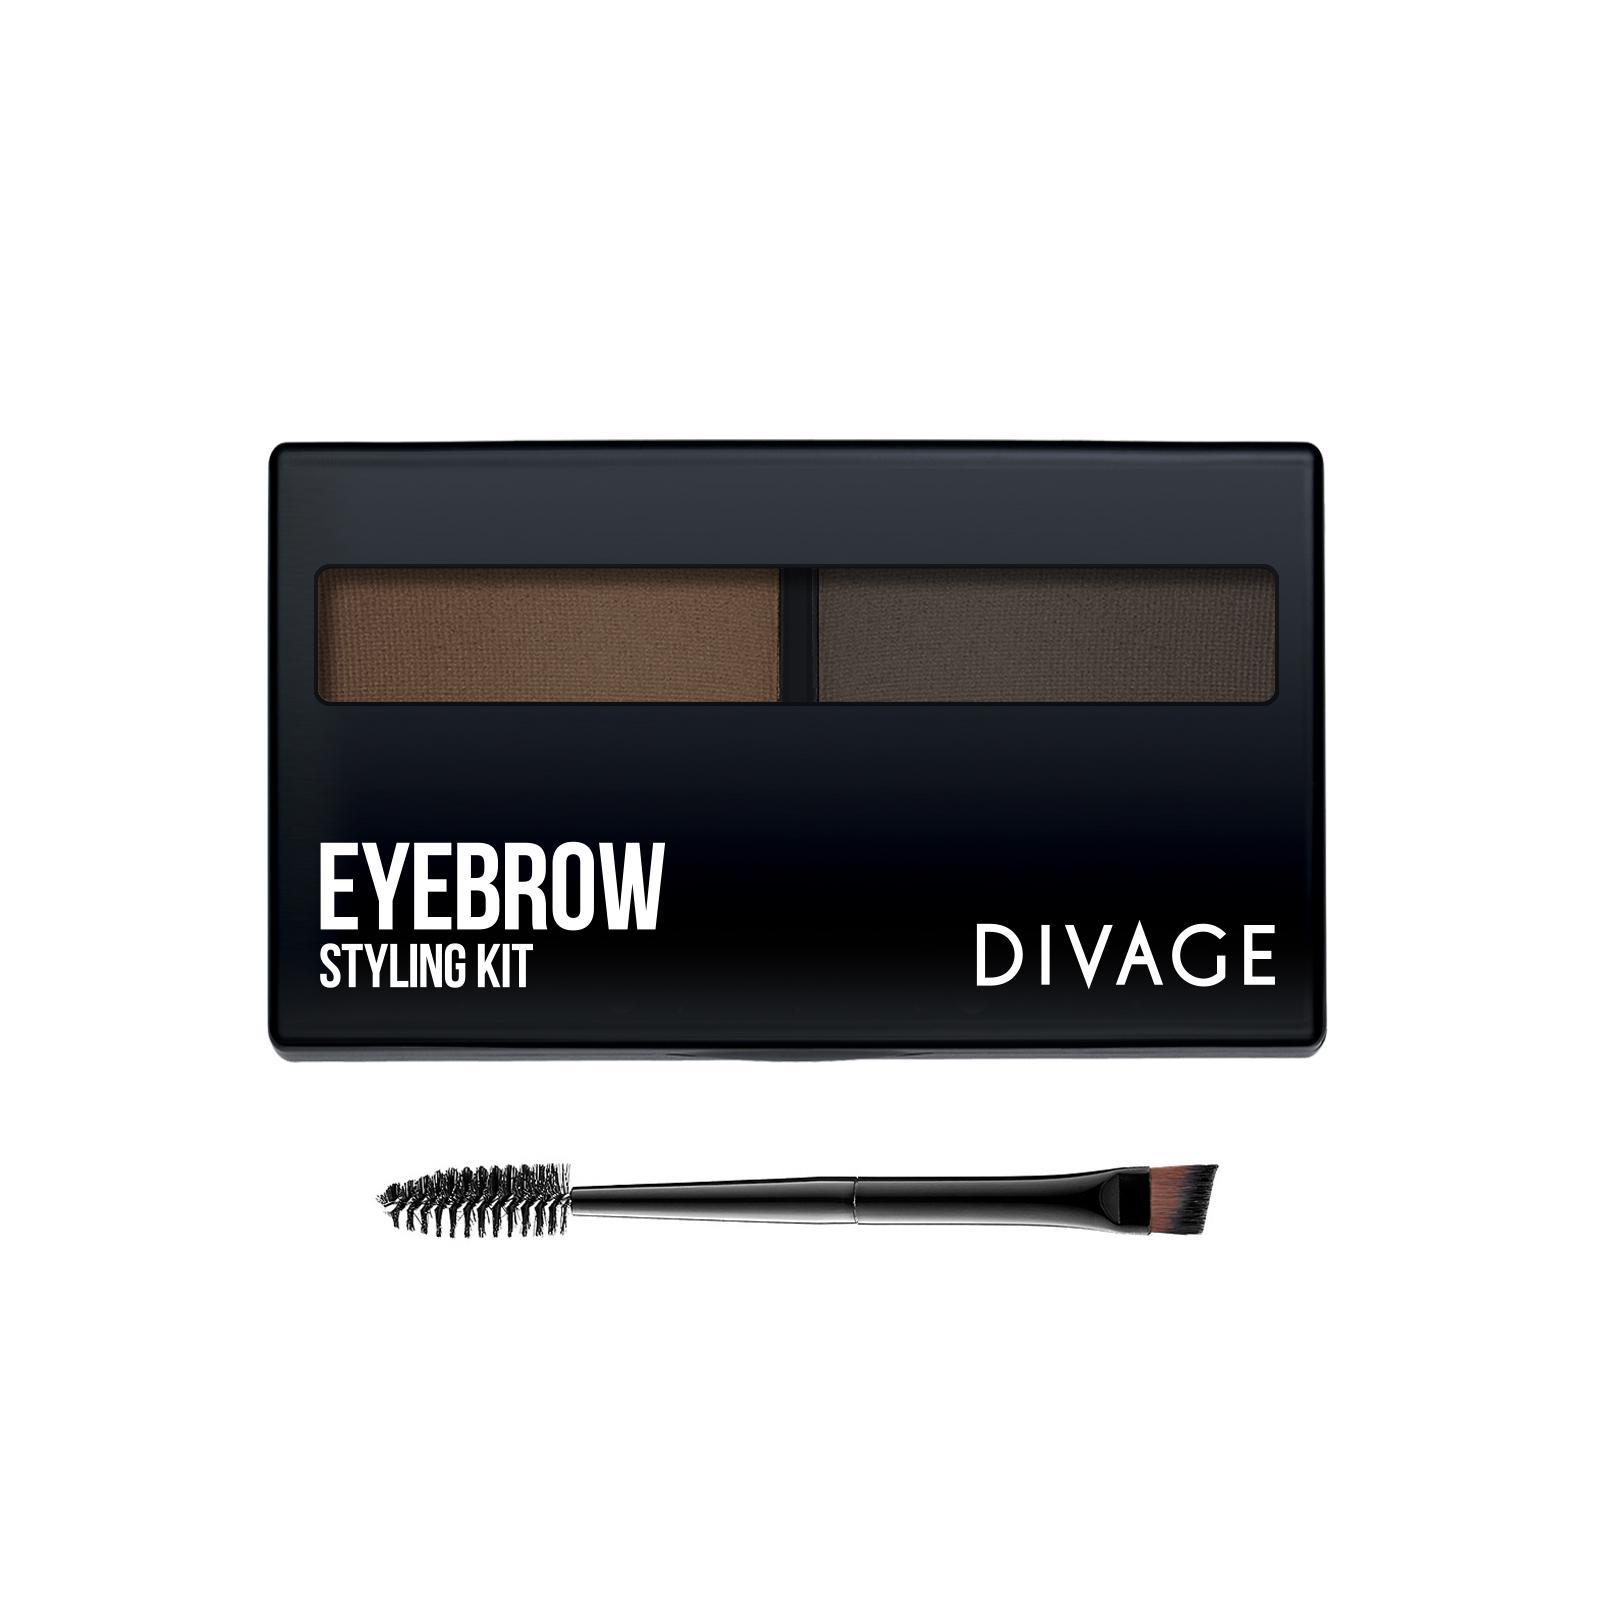 Набор для моделирования формы бровей Divage Eyebrow Styling Kit тон 02